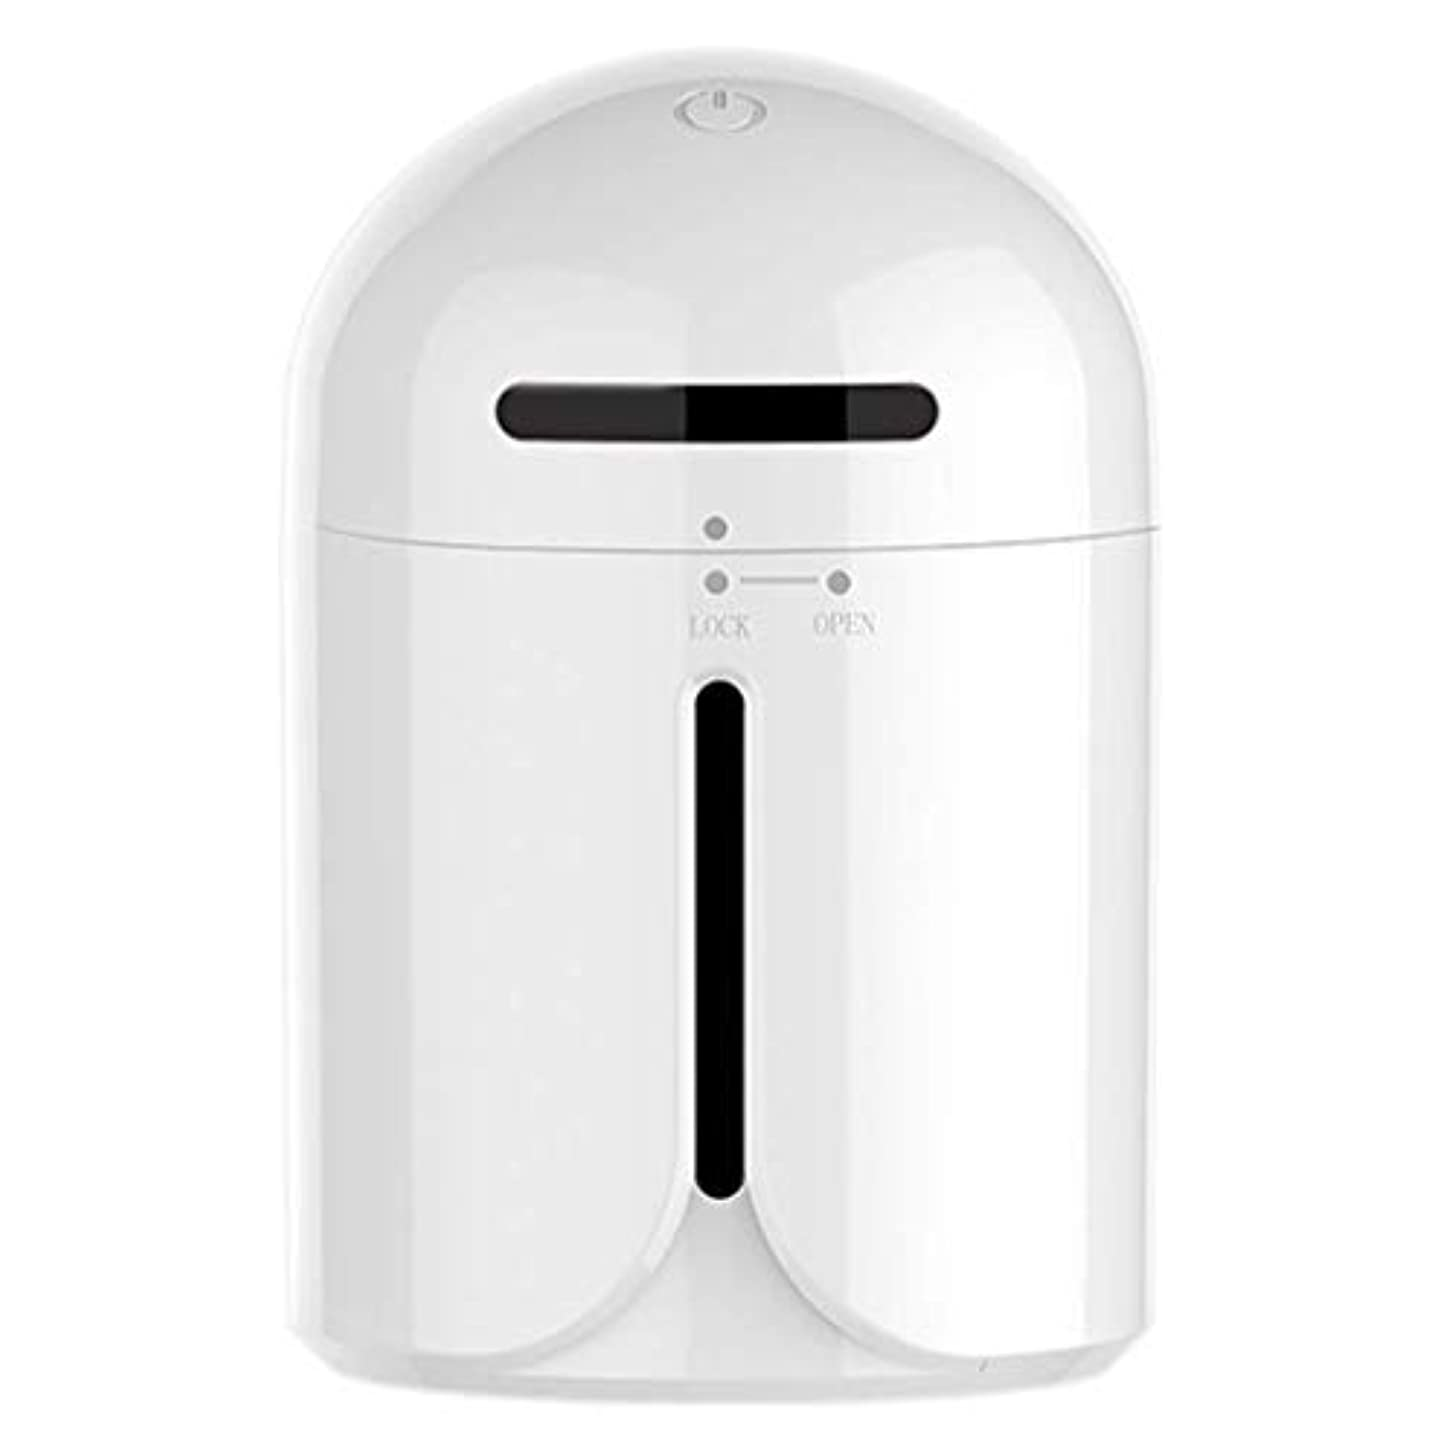 研究所国民投票コミット超音波加湿器、車のアロマディフューザー加湿器、気分を和らげるための健康的な肌の改善、睡眠の改善、清潔で清潔な新鮮な空気の浄化、LEDライトミュート (Color : 白)